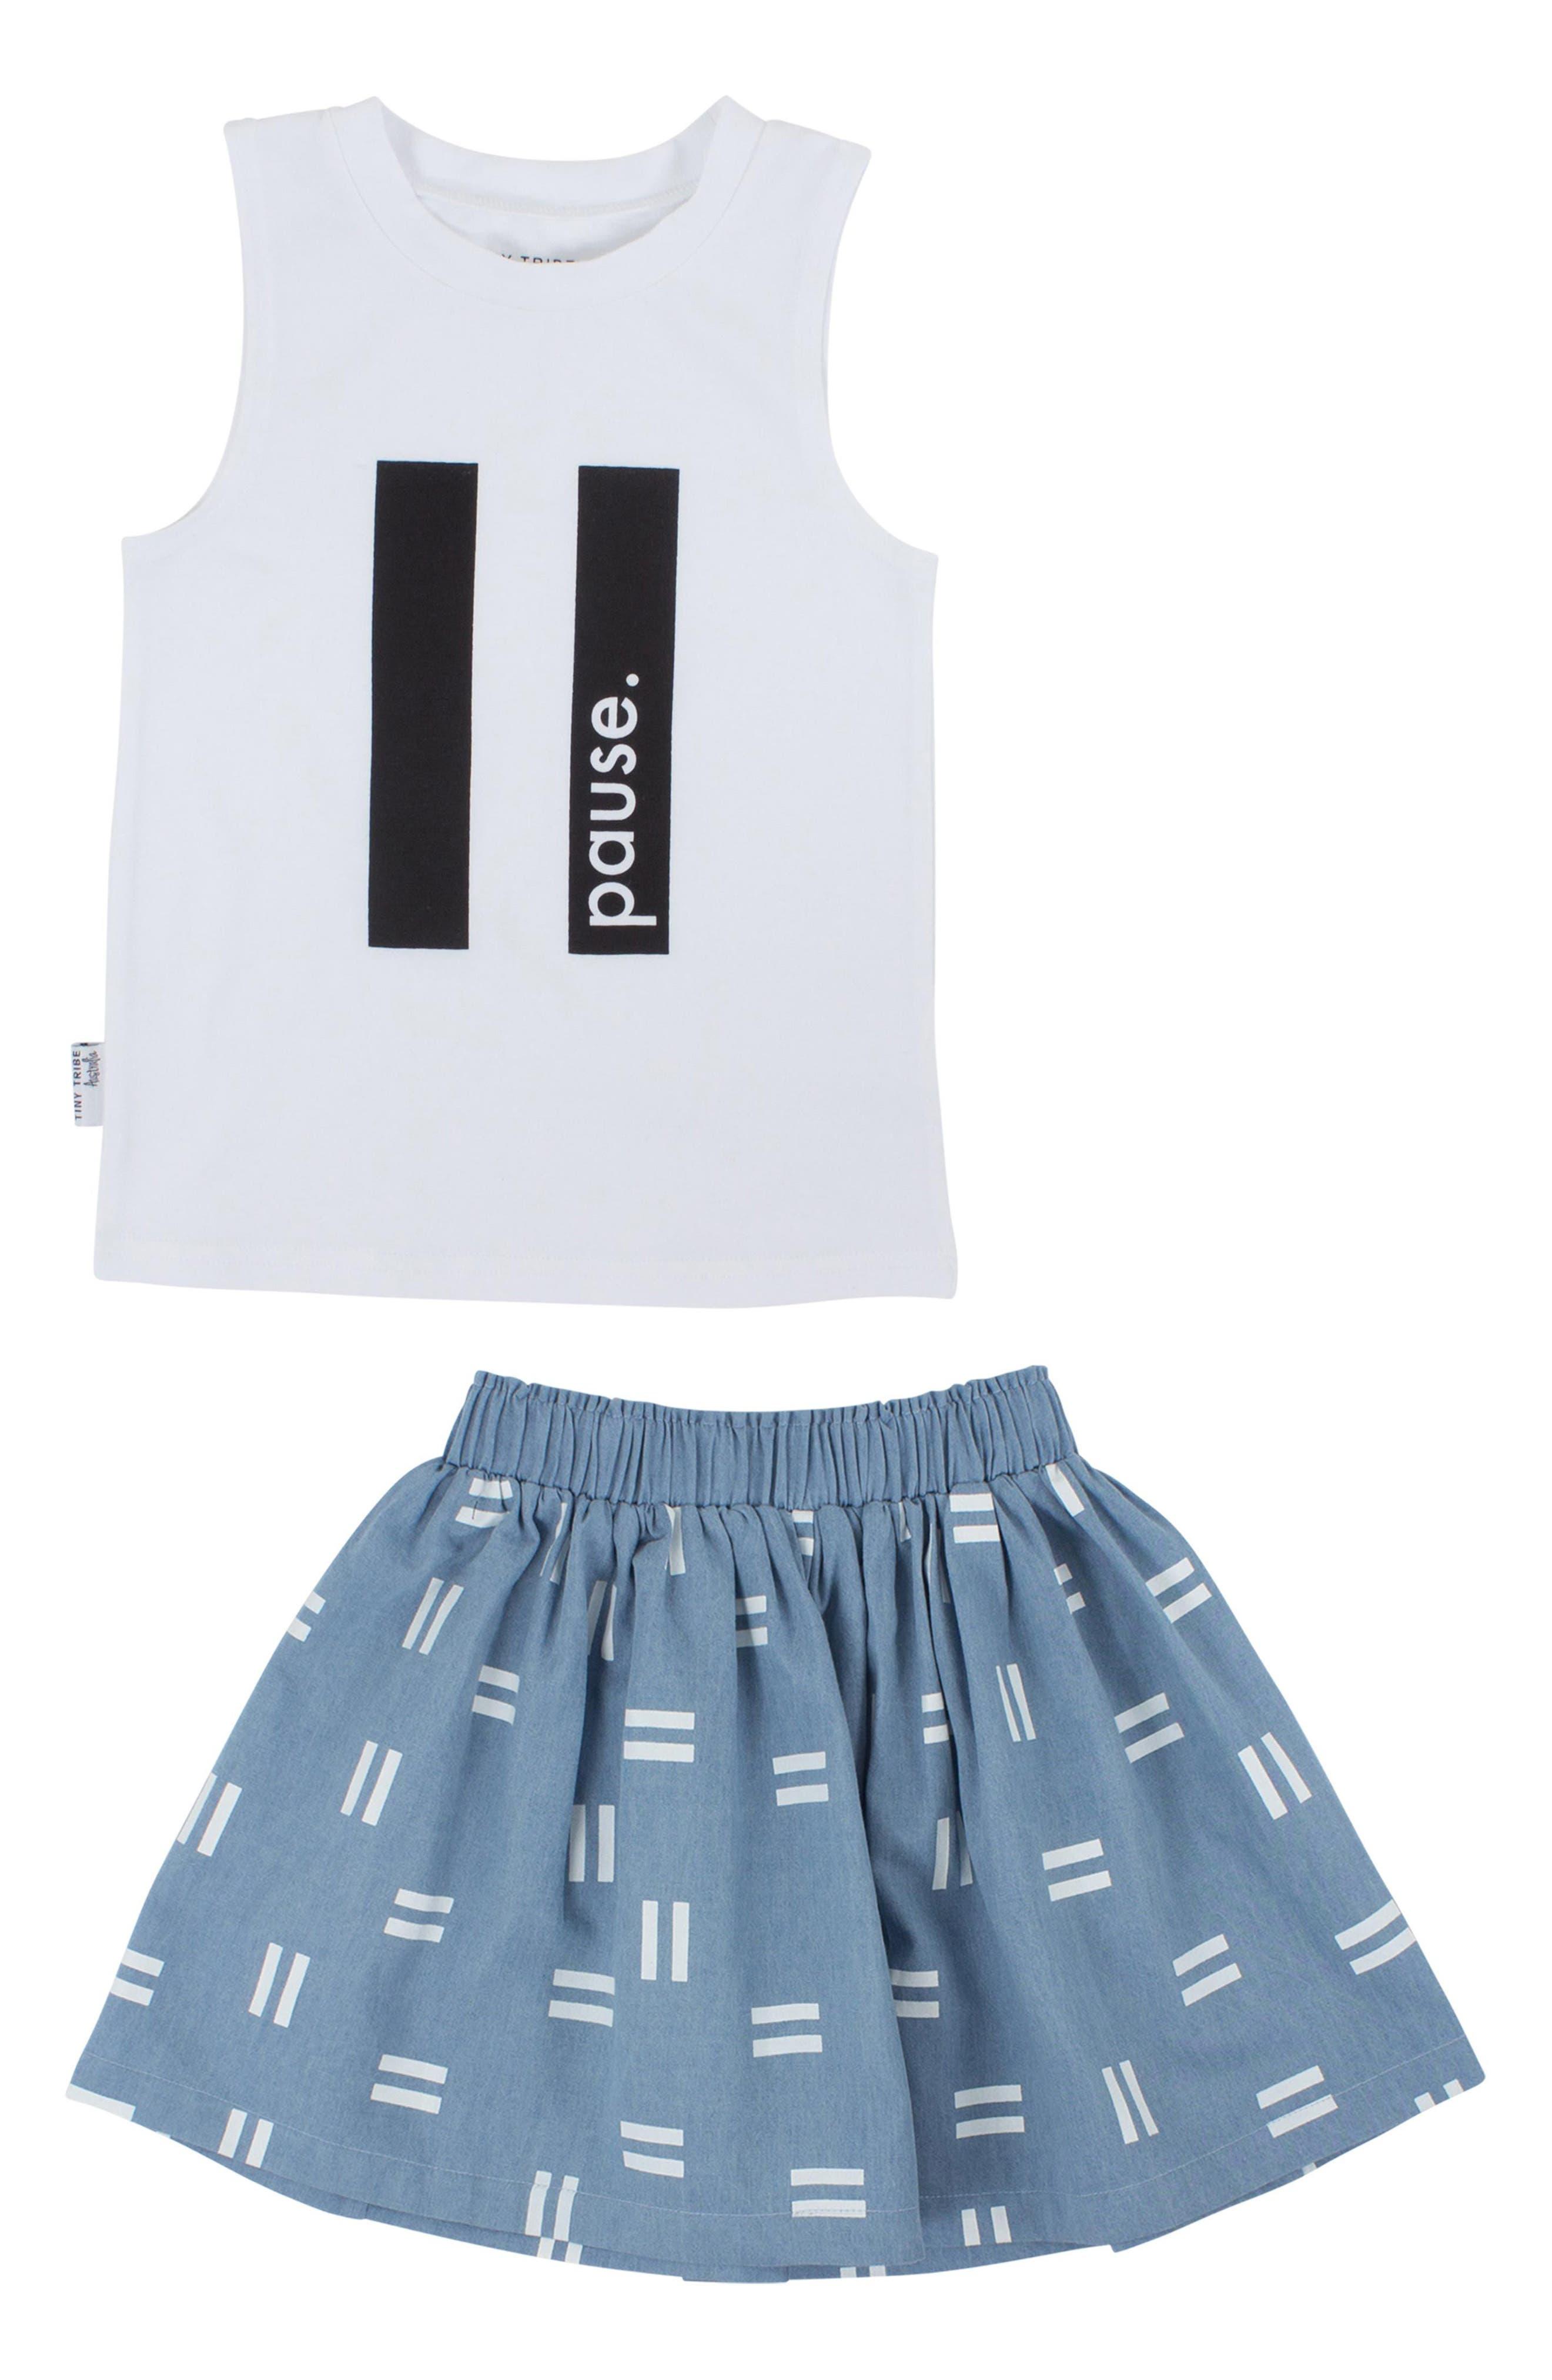 Pause Tank & Chambray Skirt Set,                             Main thumbnail 1, color,                             White/ Chambray